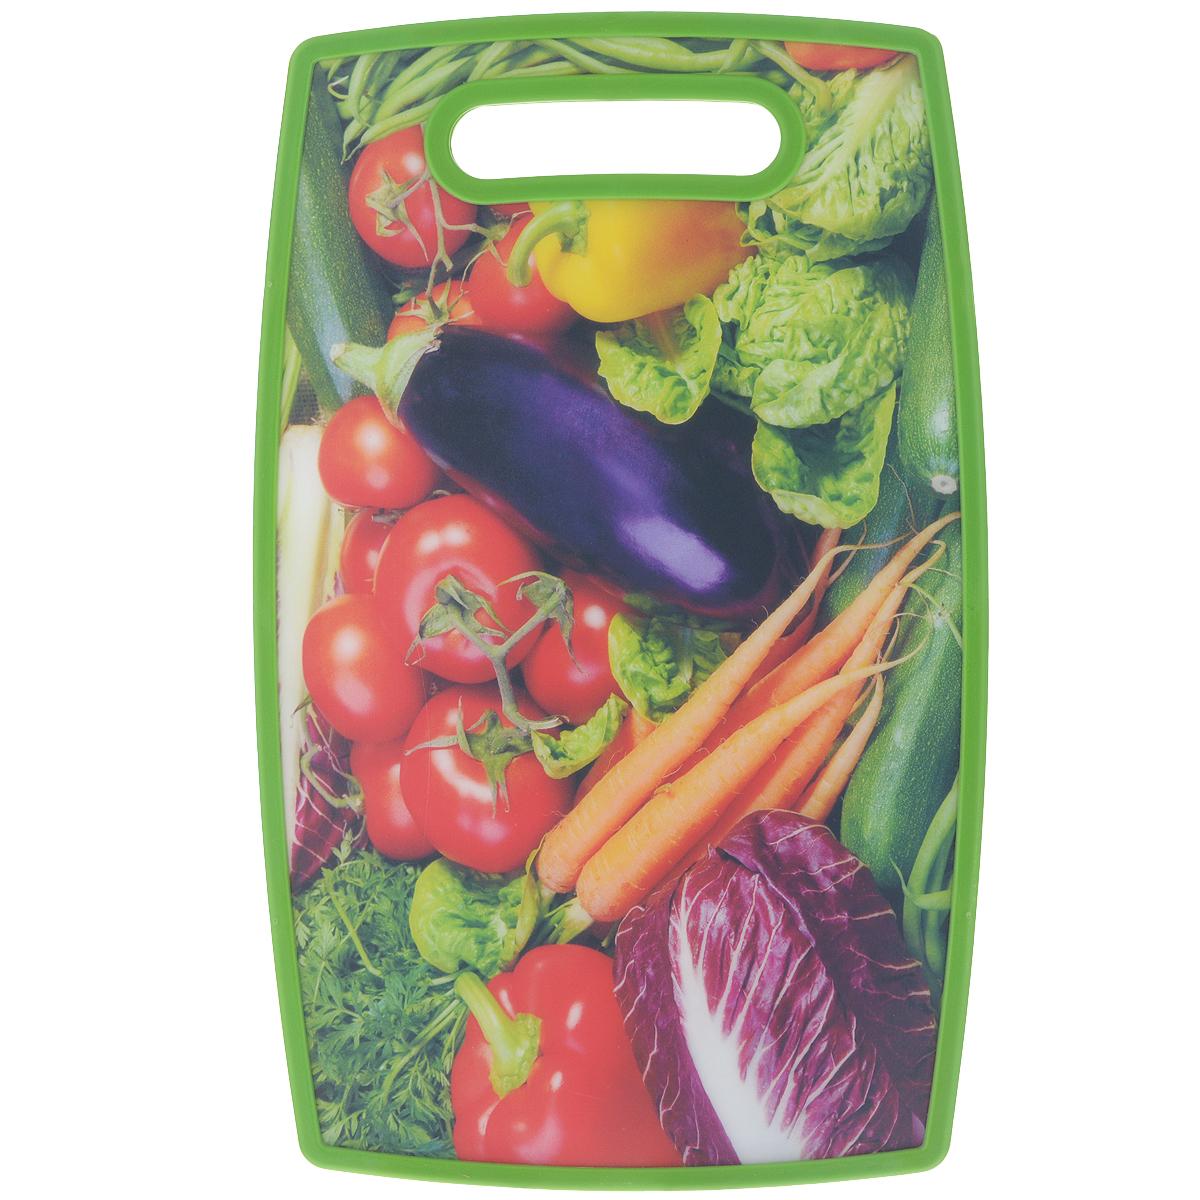 Доска разделочная LaraCook Овощи, 23 х 37 смLC-1114Доска разделочная LaraCook Овощи, изготовленная из устойчивого к истиранию пластика, займет достойное место среди аксессуаров на вашей кухне. С одной стороны доска имеет однотонное пластиковое покрытие, а с другой декорирована изображением овощей. Доска имеет высокий коэффициент жесткости и прекрасно подойдет для нарезки любых продуктов. Устойчива к деформации и высоким температурам.Можно мыть в посудомоечной машине.